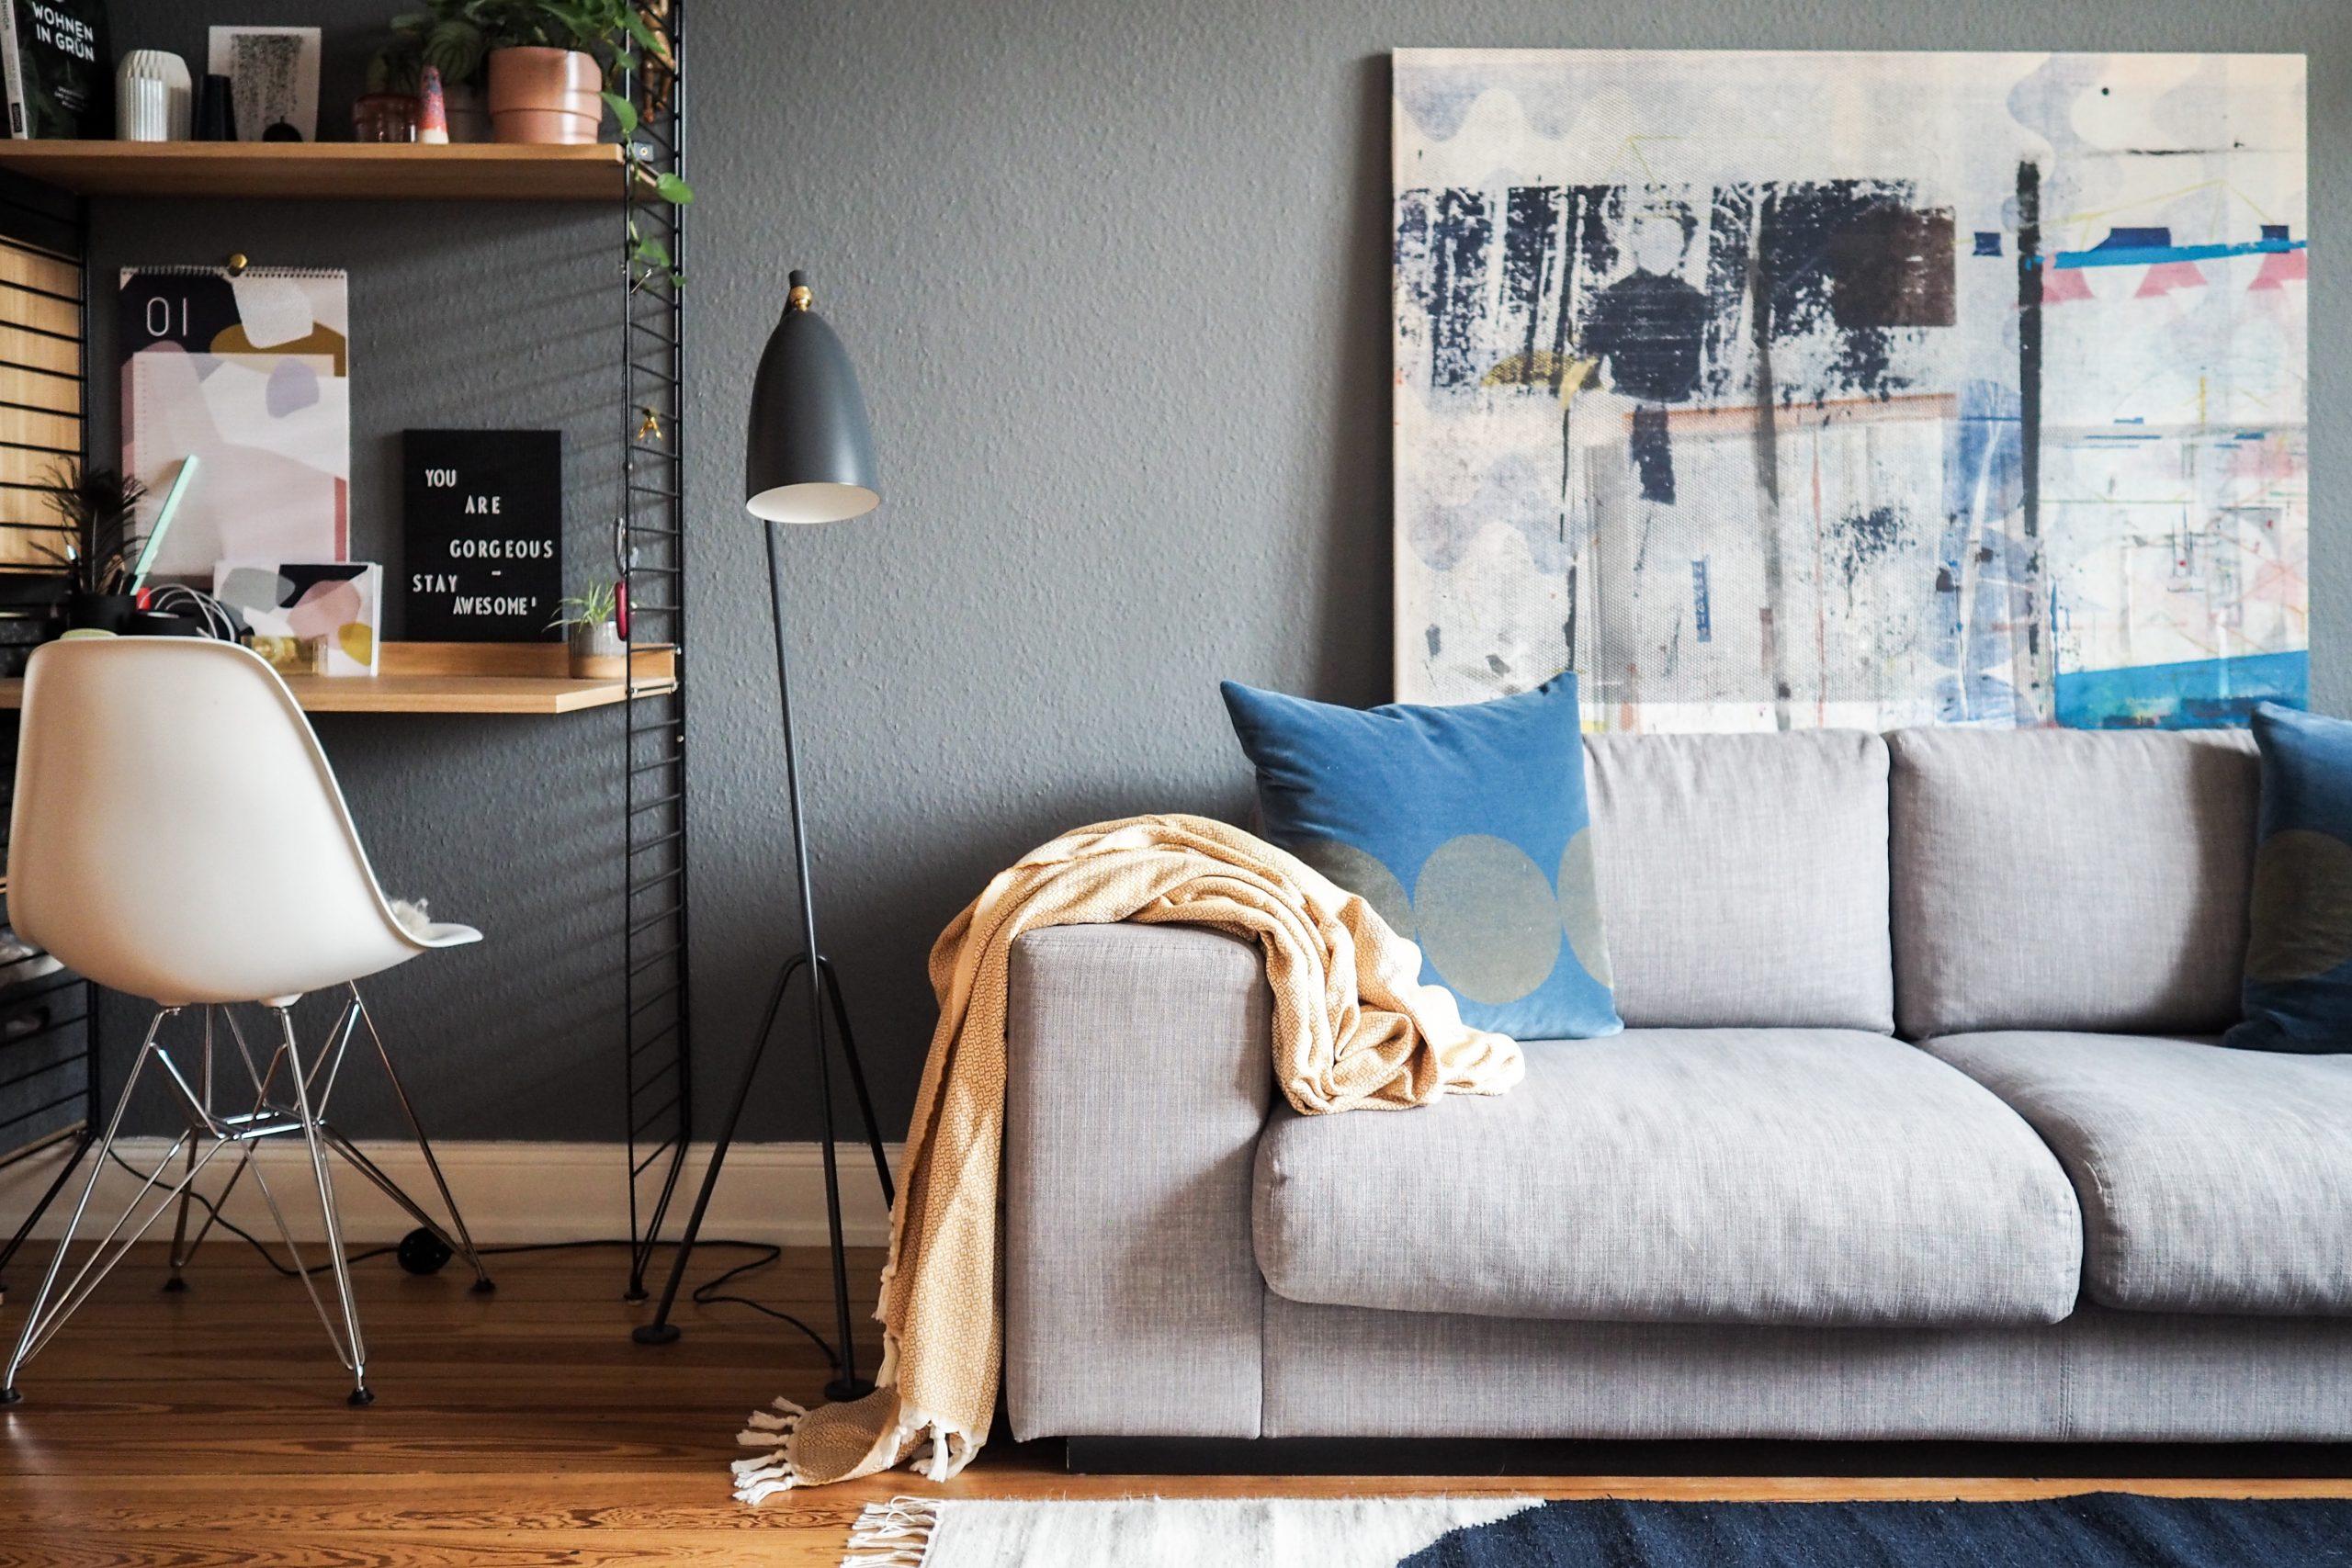 Full Size of Wohnzimmer Einrichten Modern Paulsvera Room For Passion Mein Auf Dem Ikea Blog Schrank Hängeschrank Weiß Hochglanz Vinylboden Led Deckenleuchte Sofa Kleines Wohnzimmer Wohnzimmer Einrichten Modern